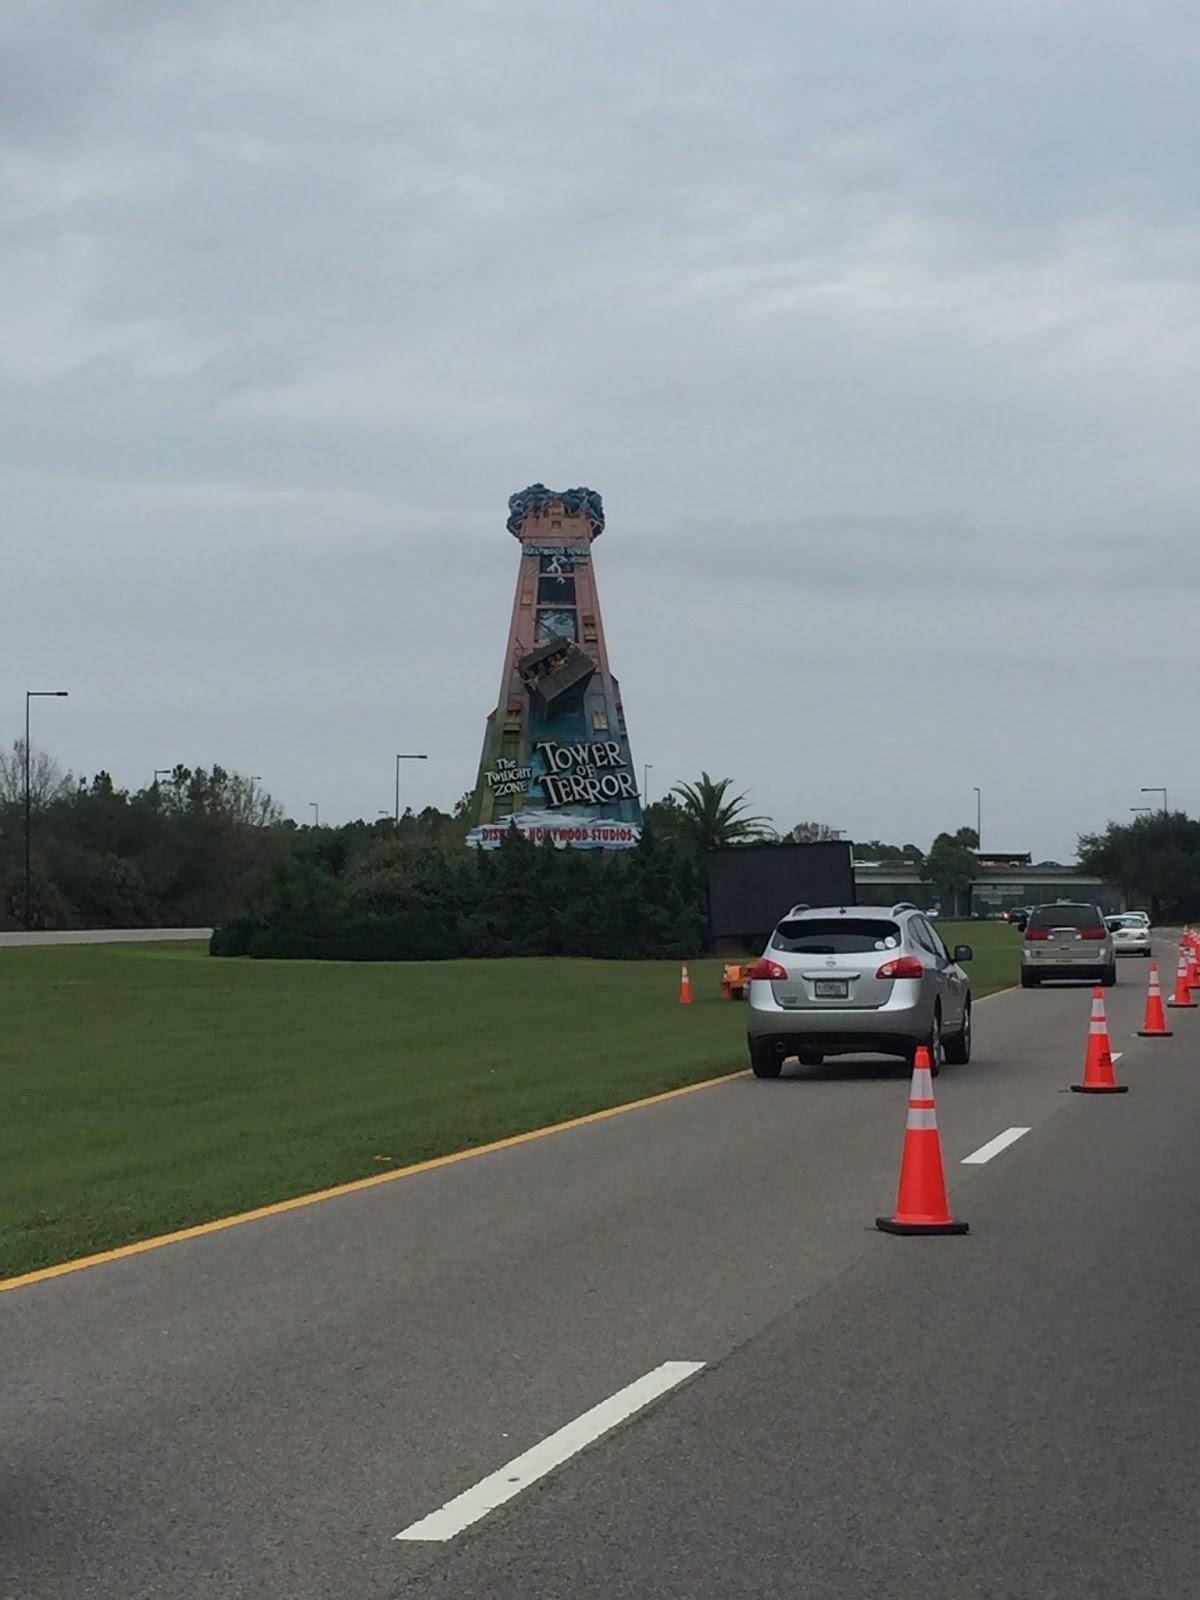 Dopey Challenge Mickey Marathon 2016 Tower of Terror Sign